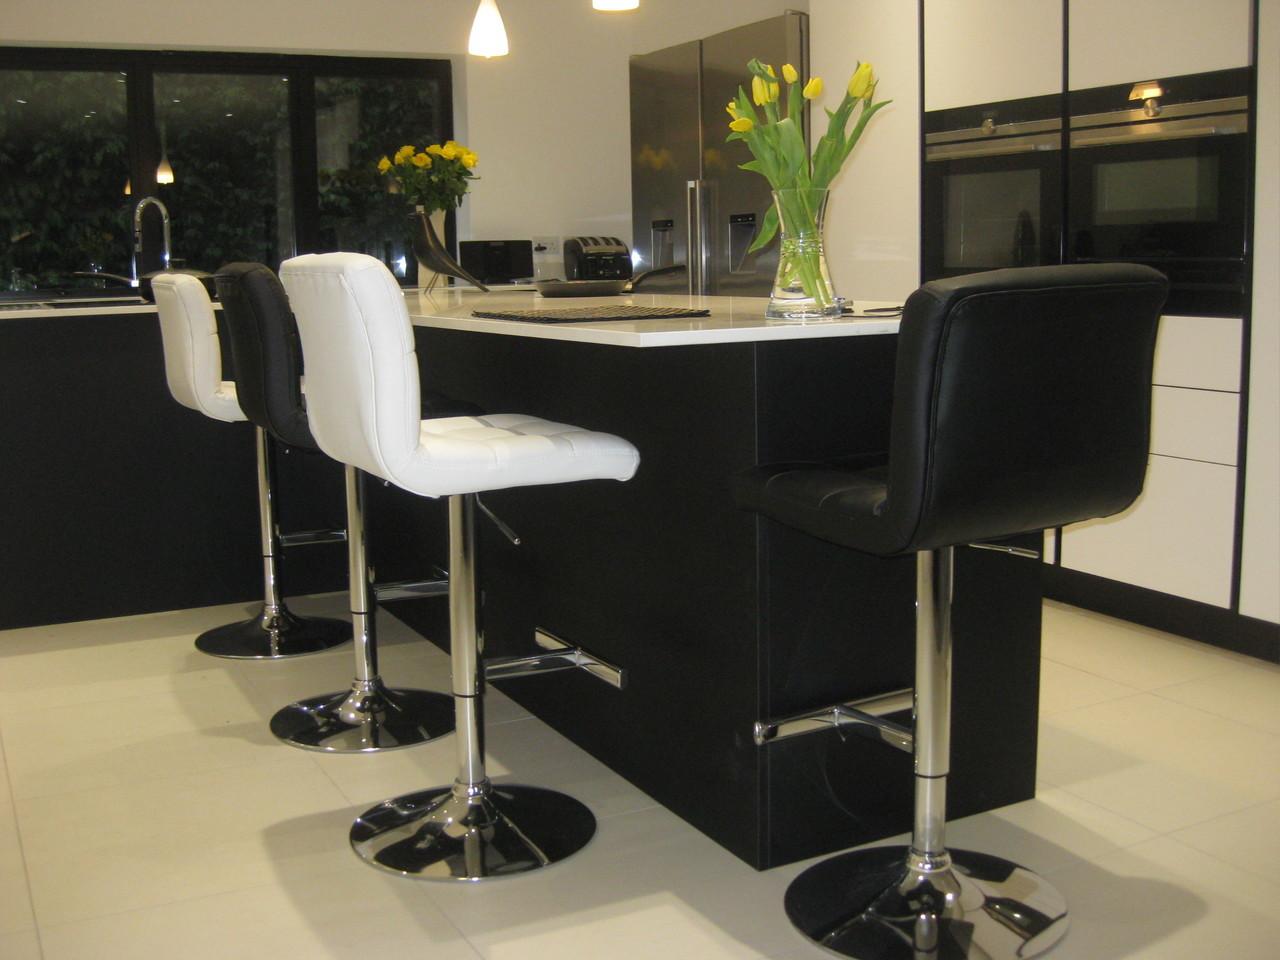 Allegro White Kitchen Bar Stool With Chrome Gas Lift Leg